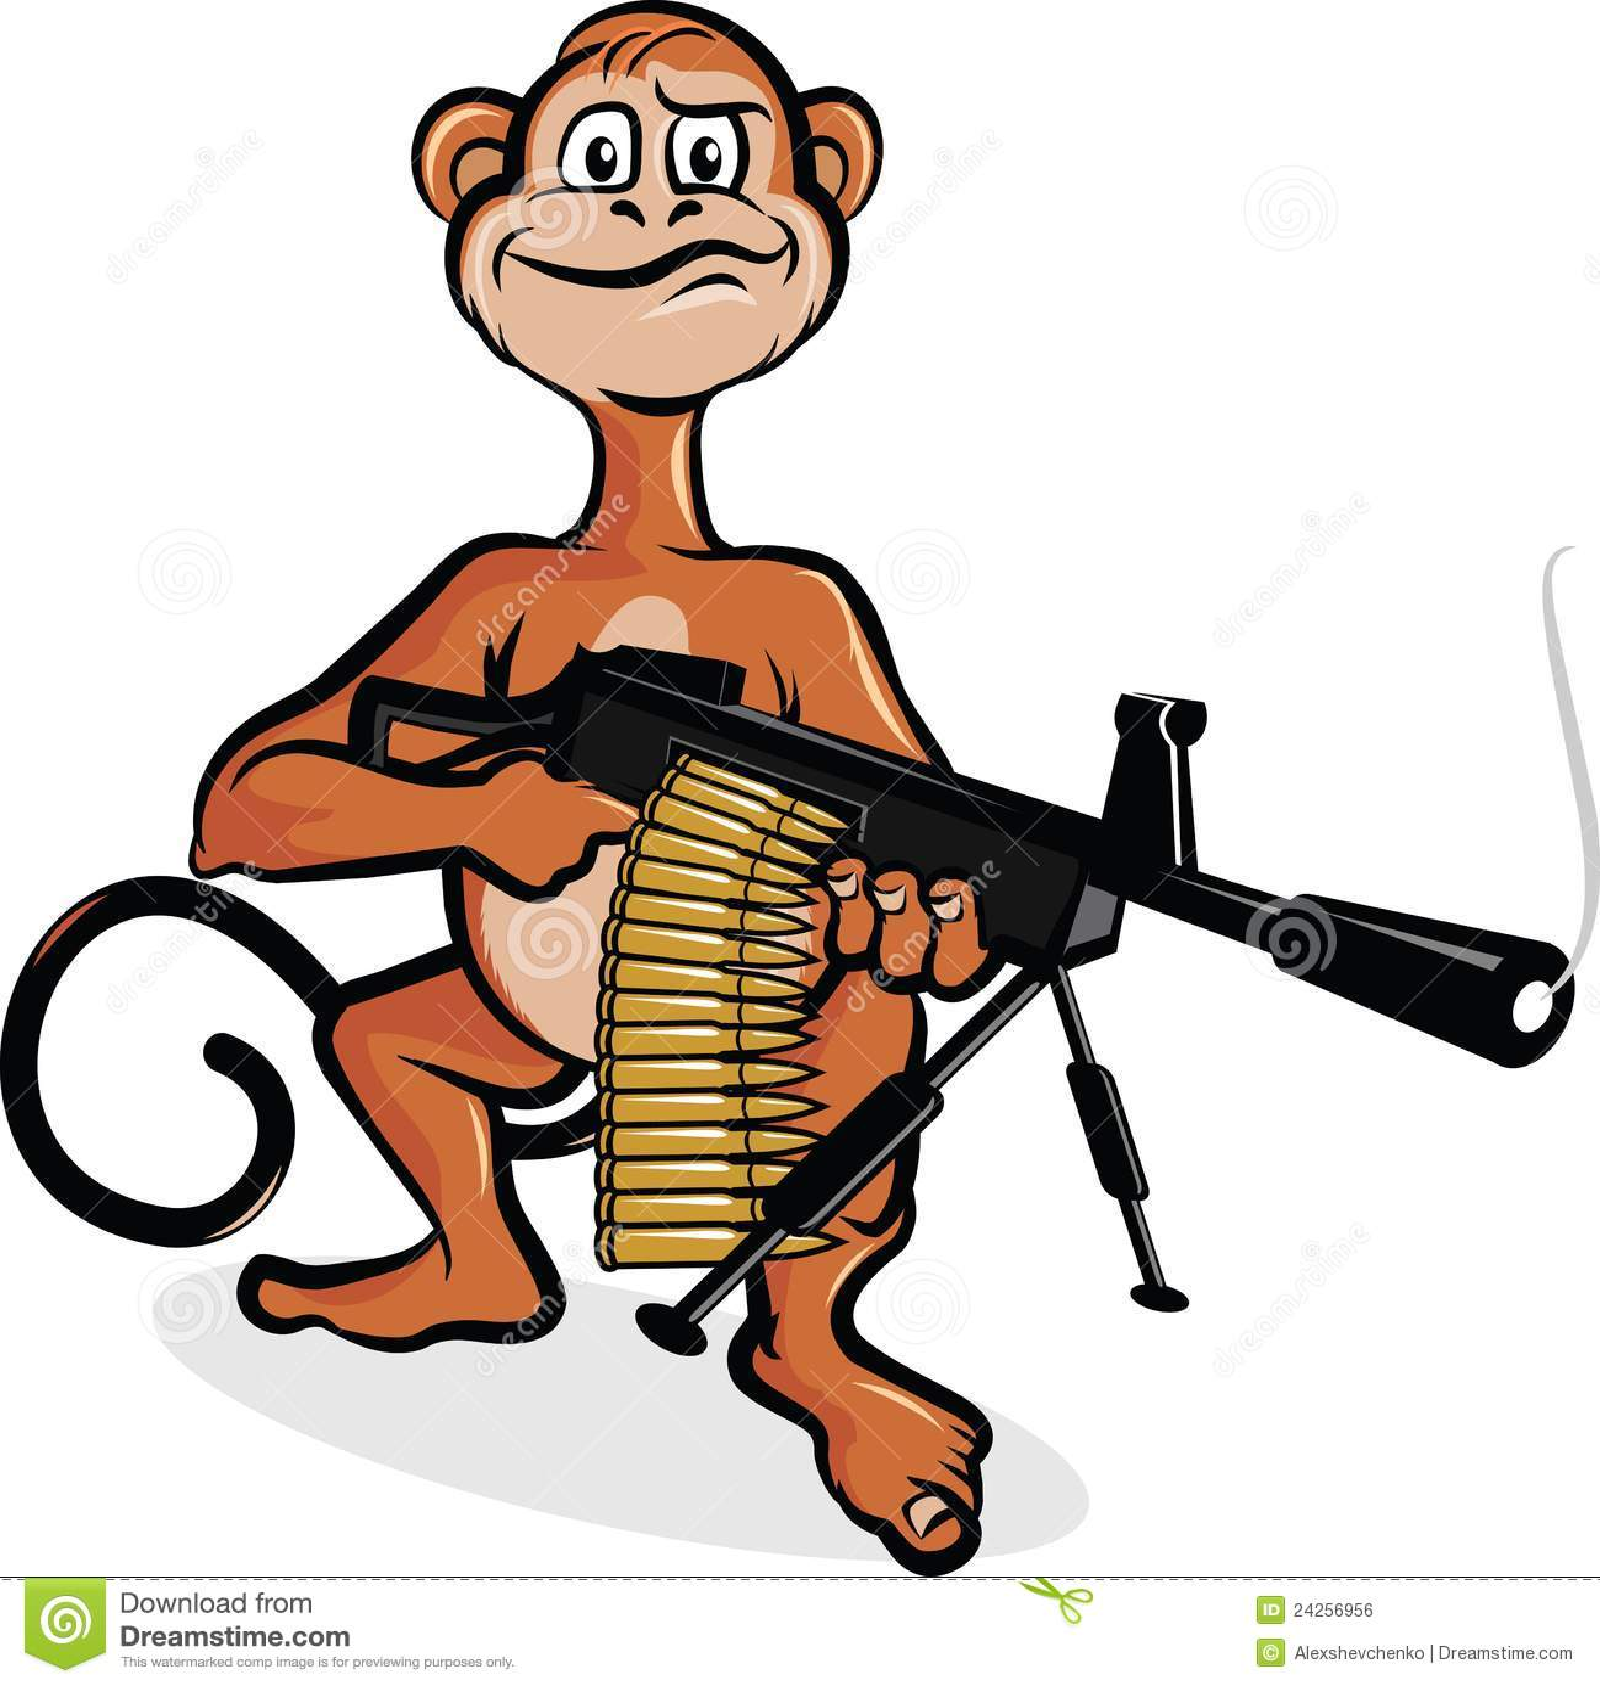 monkey with machine gun